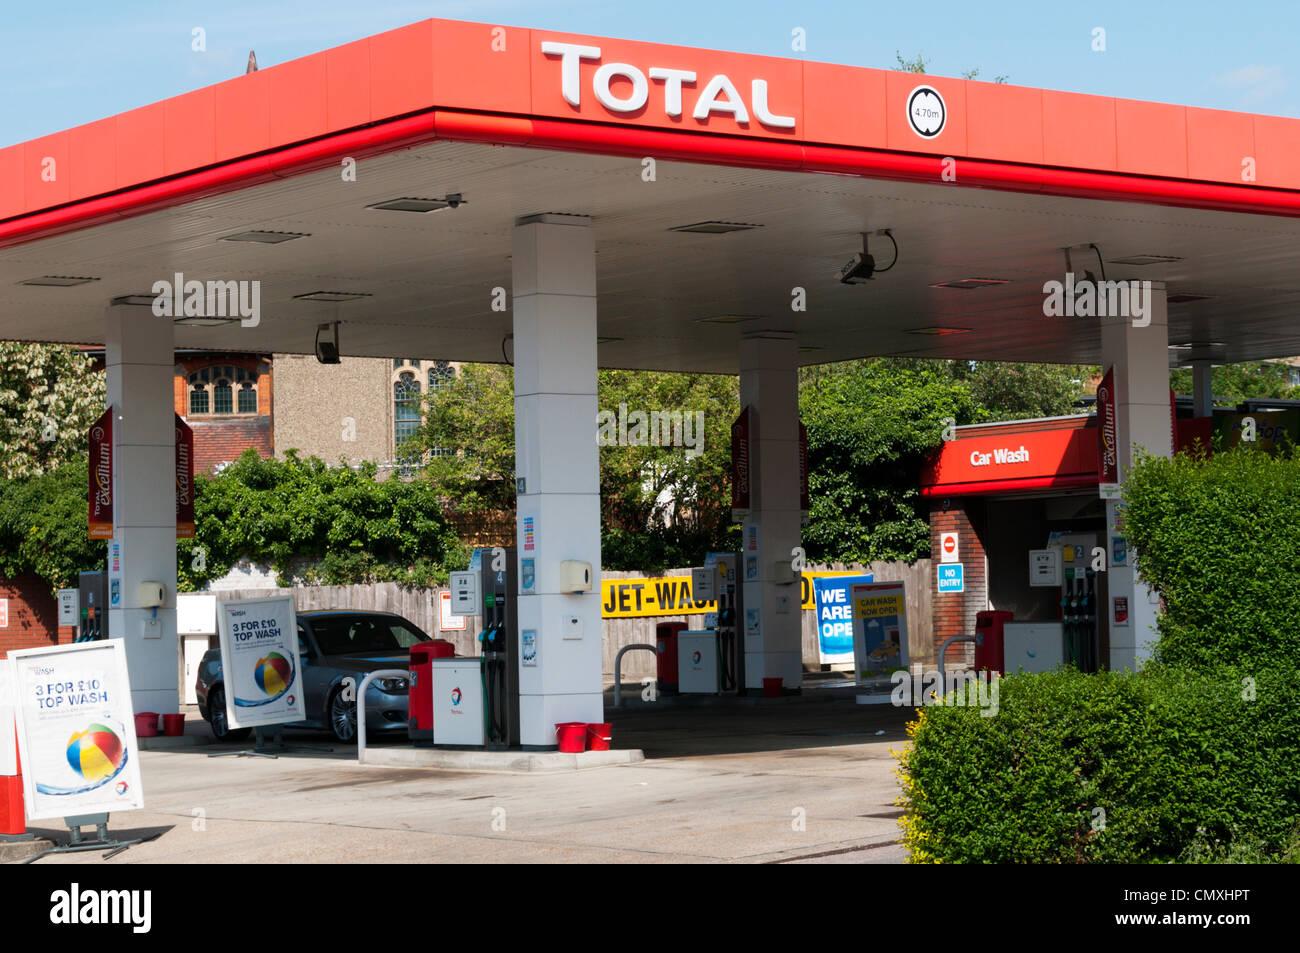 total station photos total station images alamy. Black Bedroom Furniture Sets. Home Design Ideas